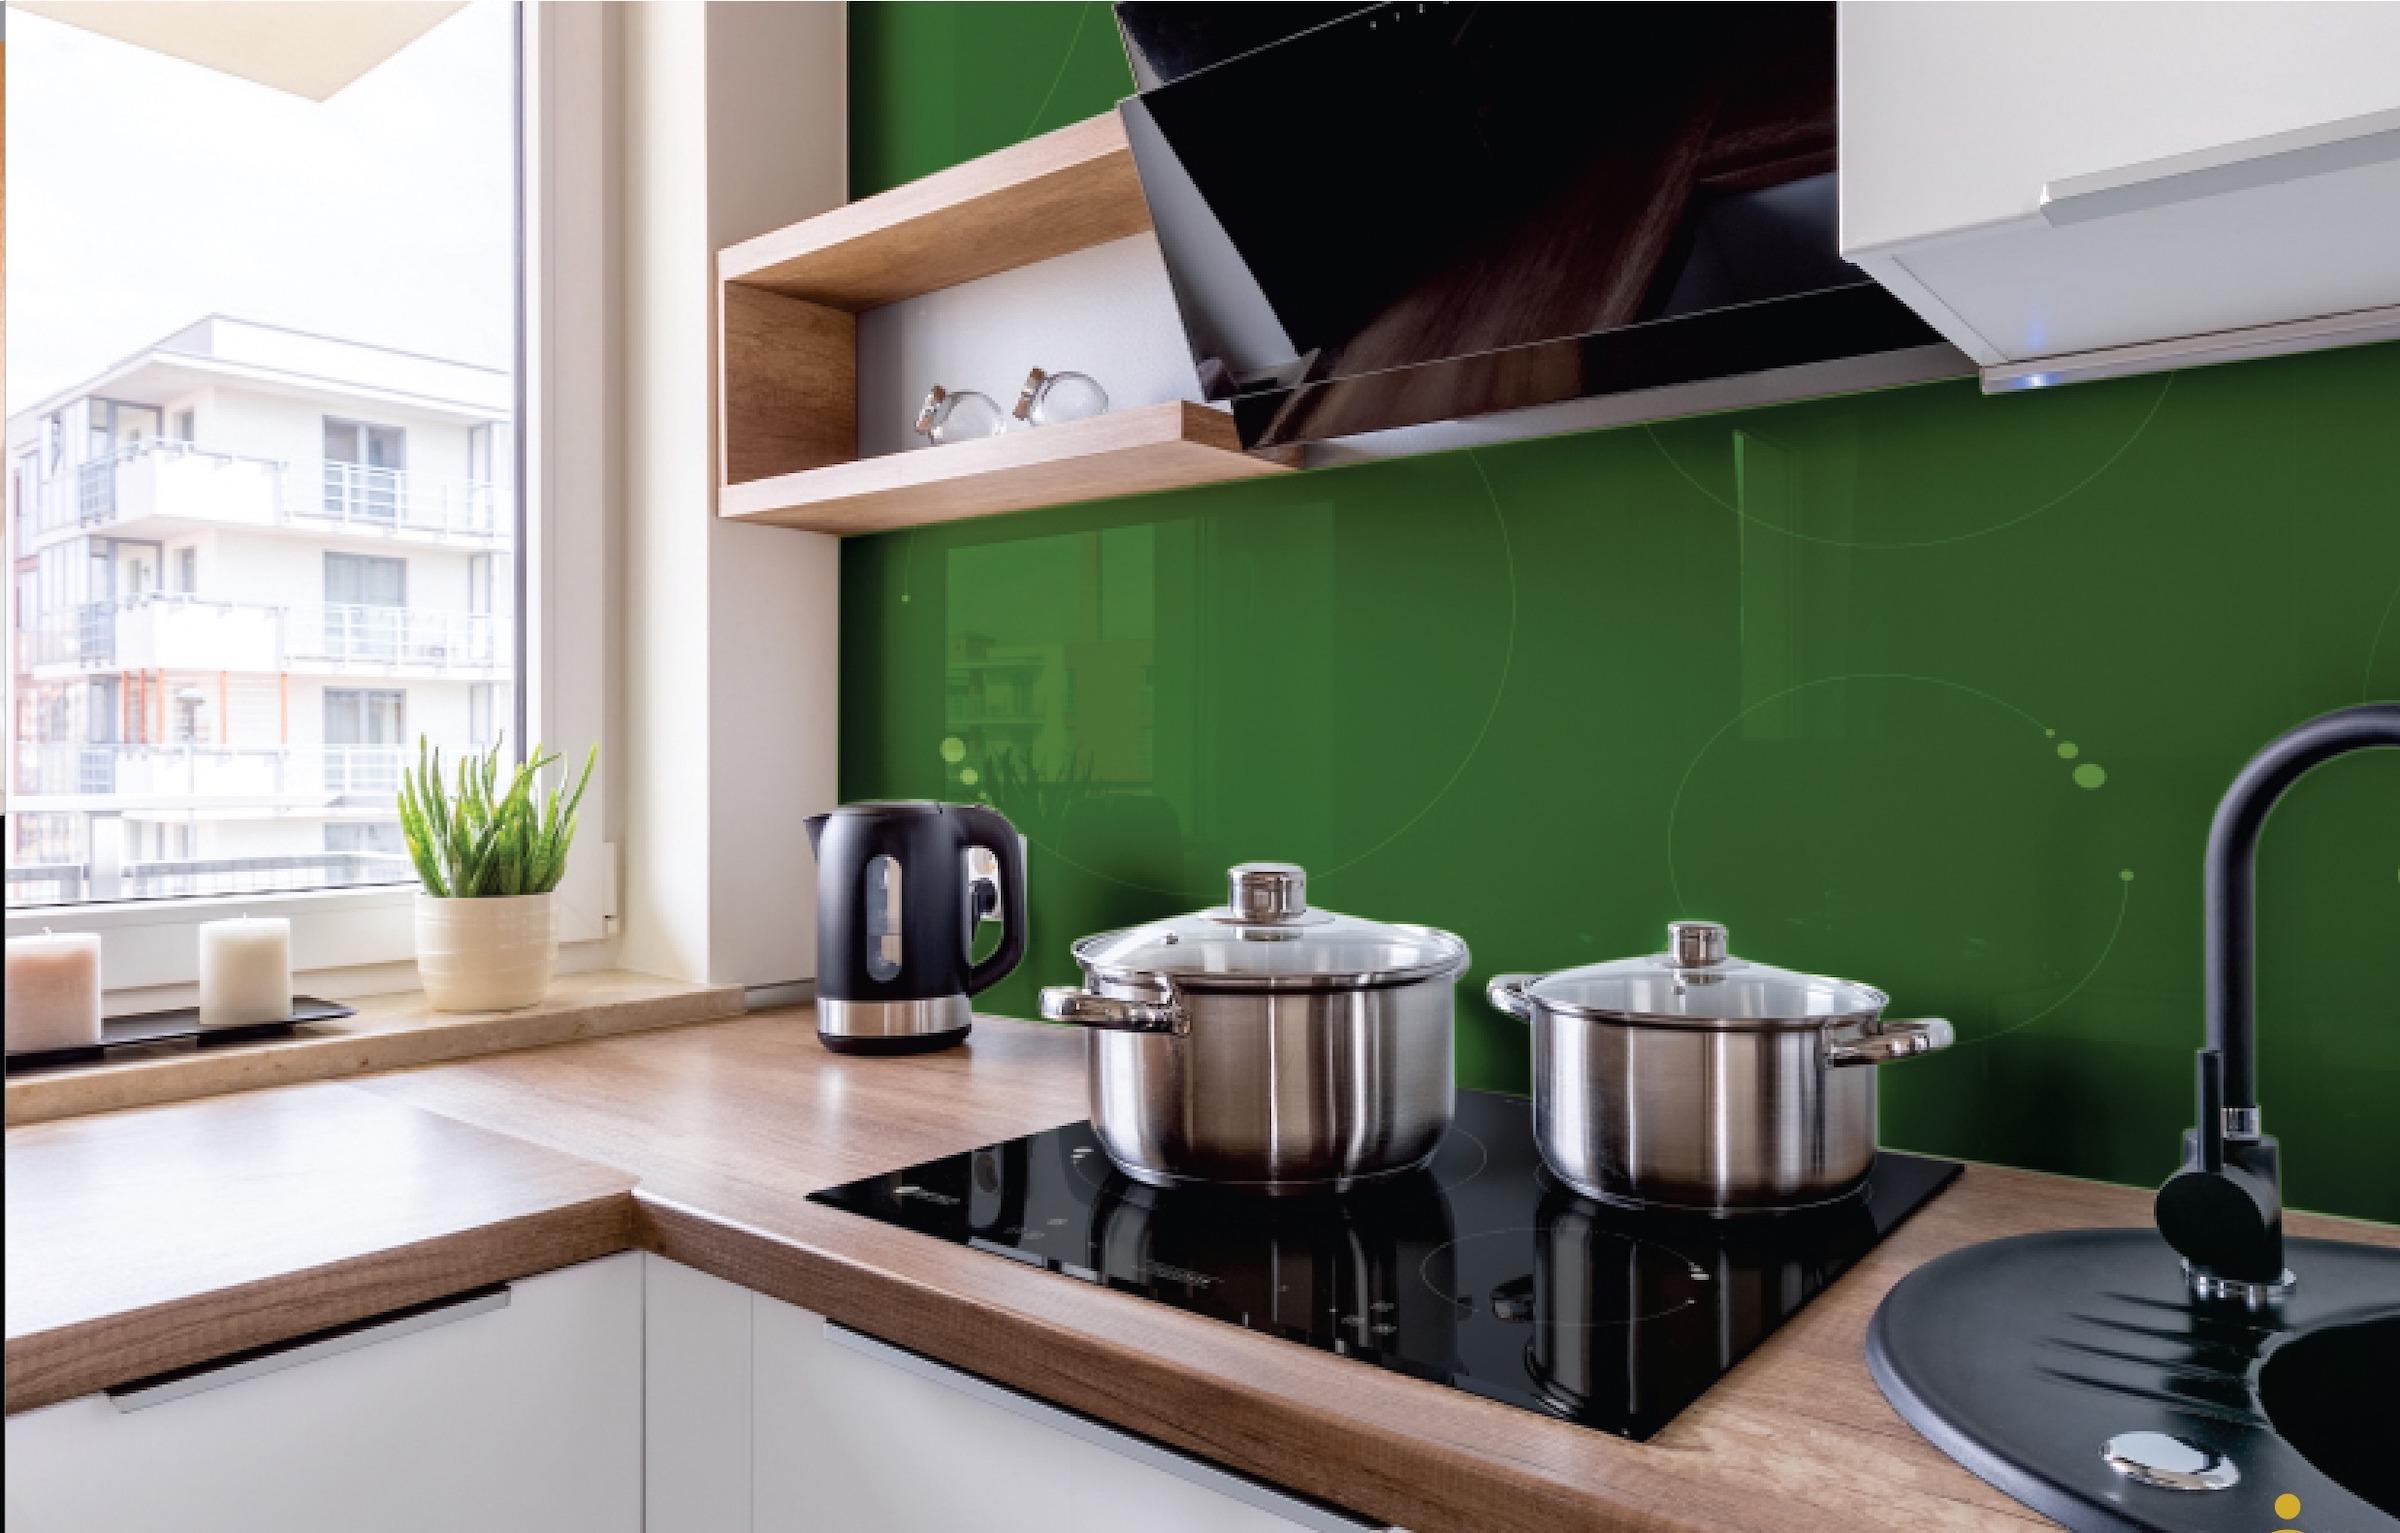 Thêm một mẫu bếp từ ba của Elmich là sản phẩm ICE-3493, hiện giảm nửa giá còn 7,3 triệu đồng (giá gốc 14,5 triệu đồng). Đường kính ba bếp từ trái sang lần lượt là 280 mm, 180 mm và 150 mm. Dạng cảm ứng trượt kèm chức năng nấu Booster góp phần tiết kiệm thời gian nấu và điện năng. Bếp sử dụng cảm biến hồng ngoại cho từng thao tác điều khiển dễ dàng và chính xác hơn.